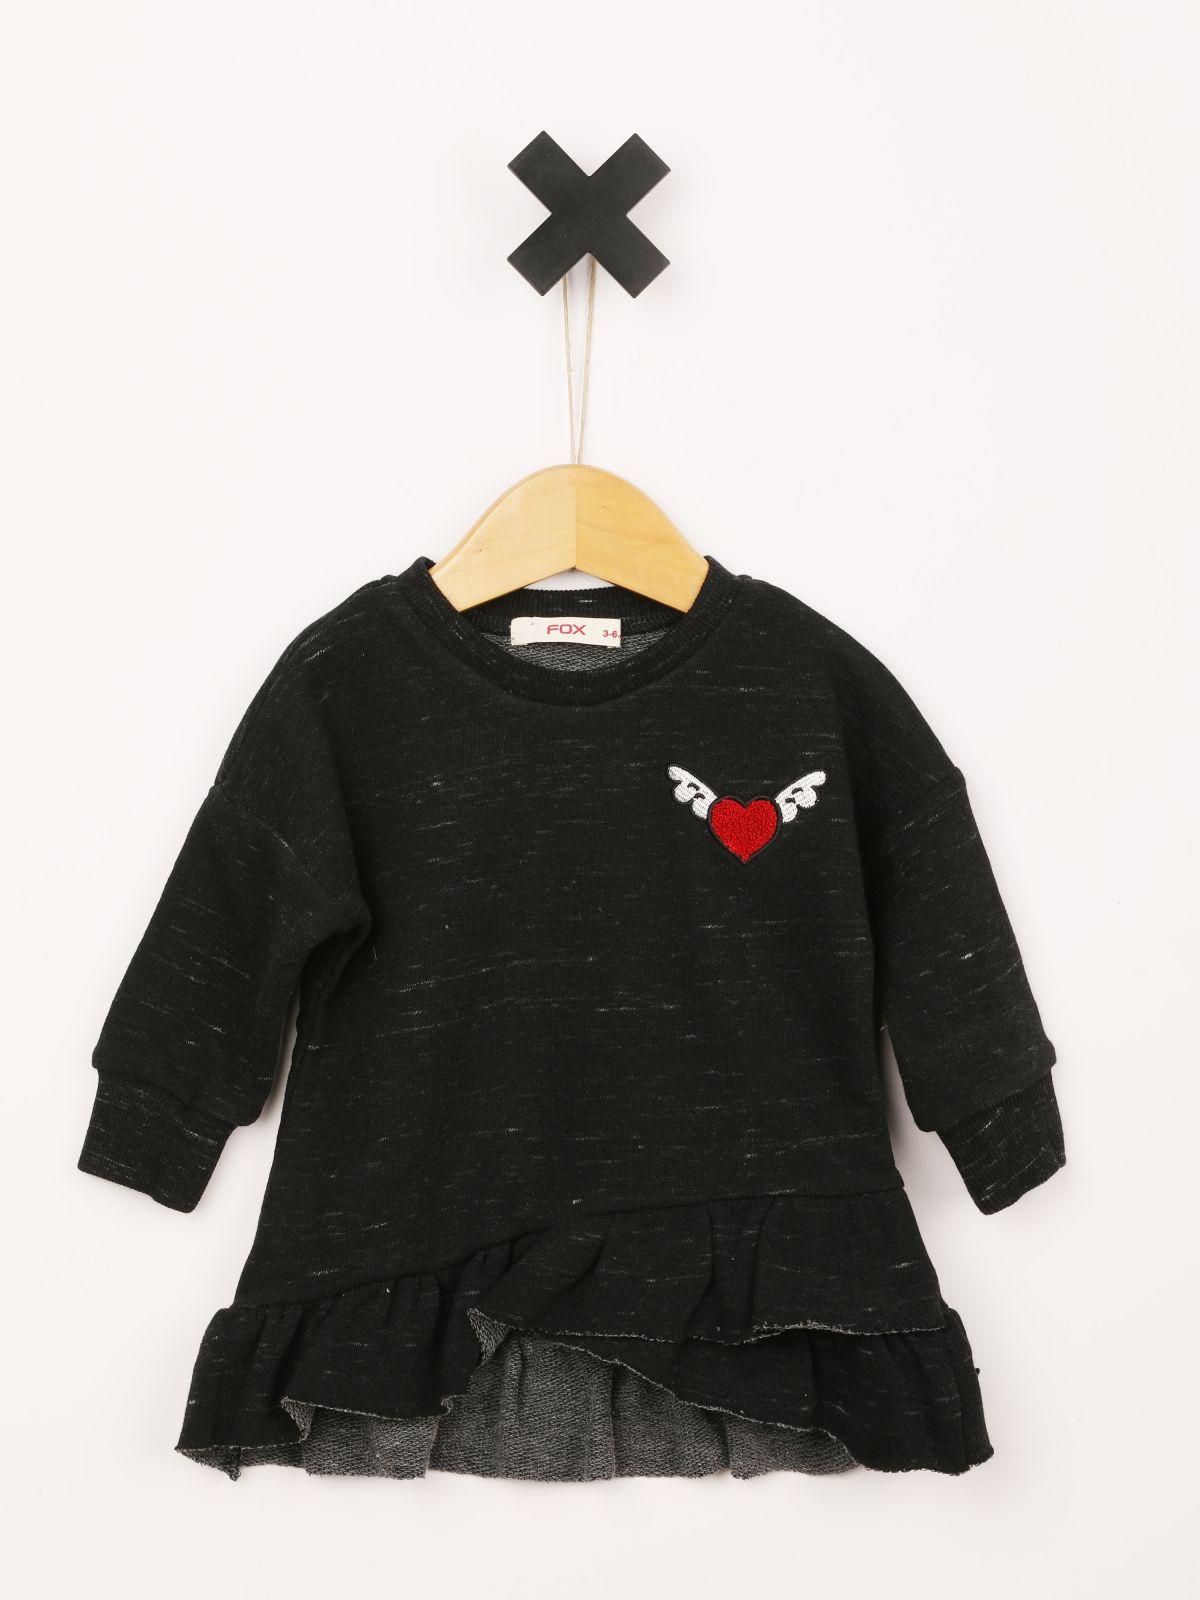 שמלת טי שירט שרוולים ארוכים עם סיומת מלמלה / בייבי בנותשמלת טי שירט שרוולים ארוכים עם סיומת מלמלה / בייבי בנות של FOX